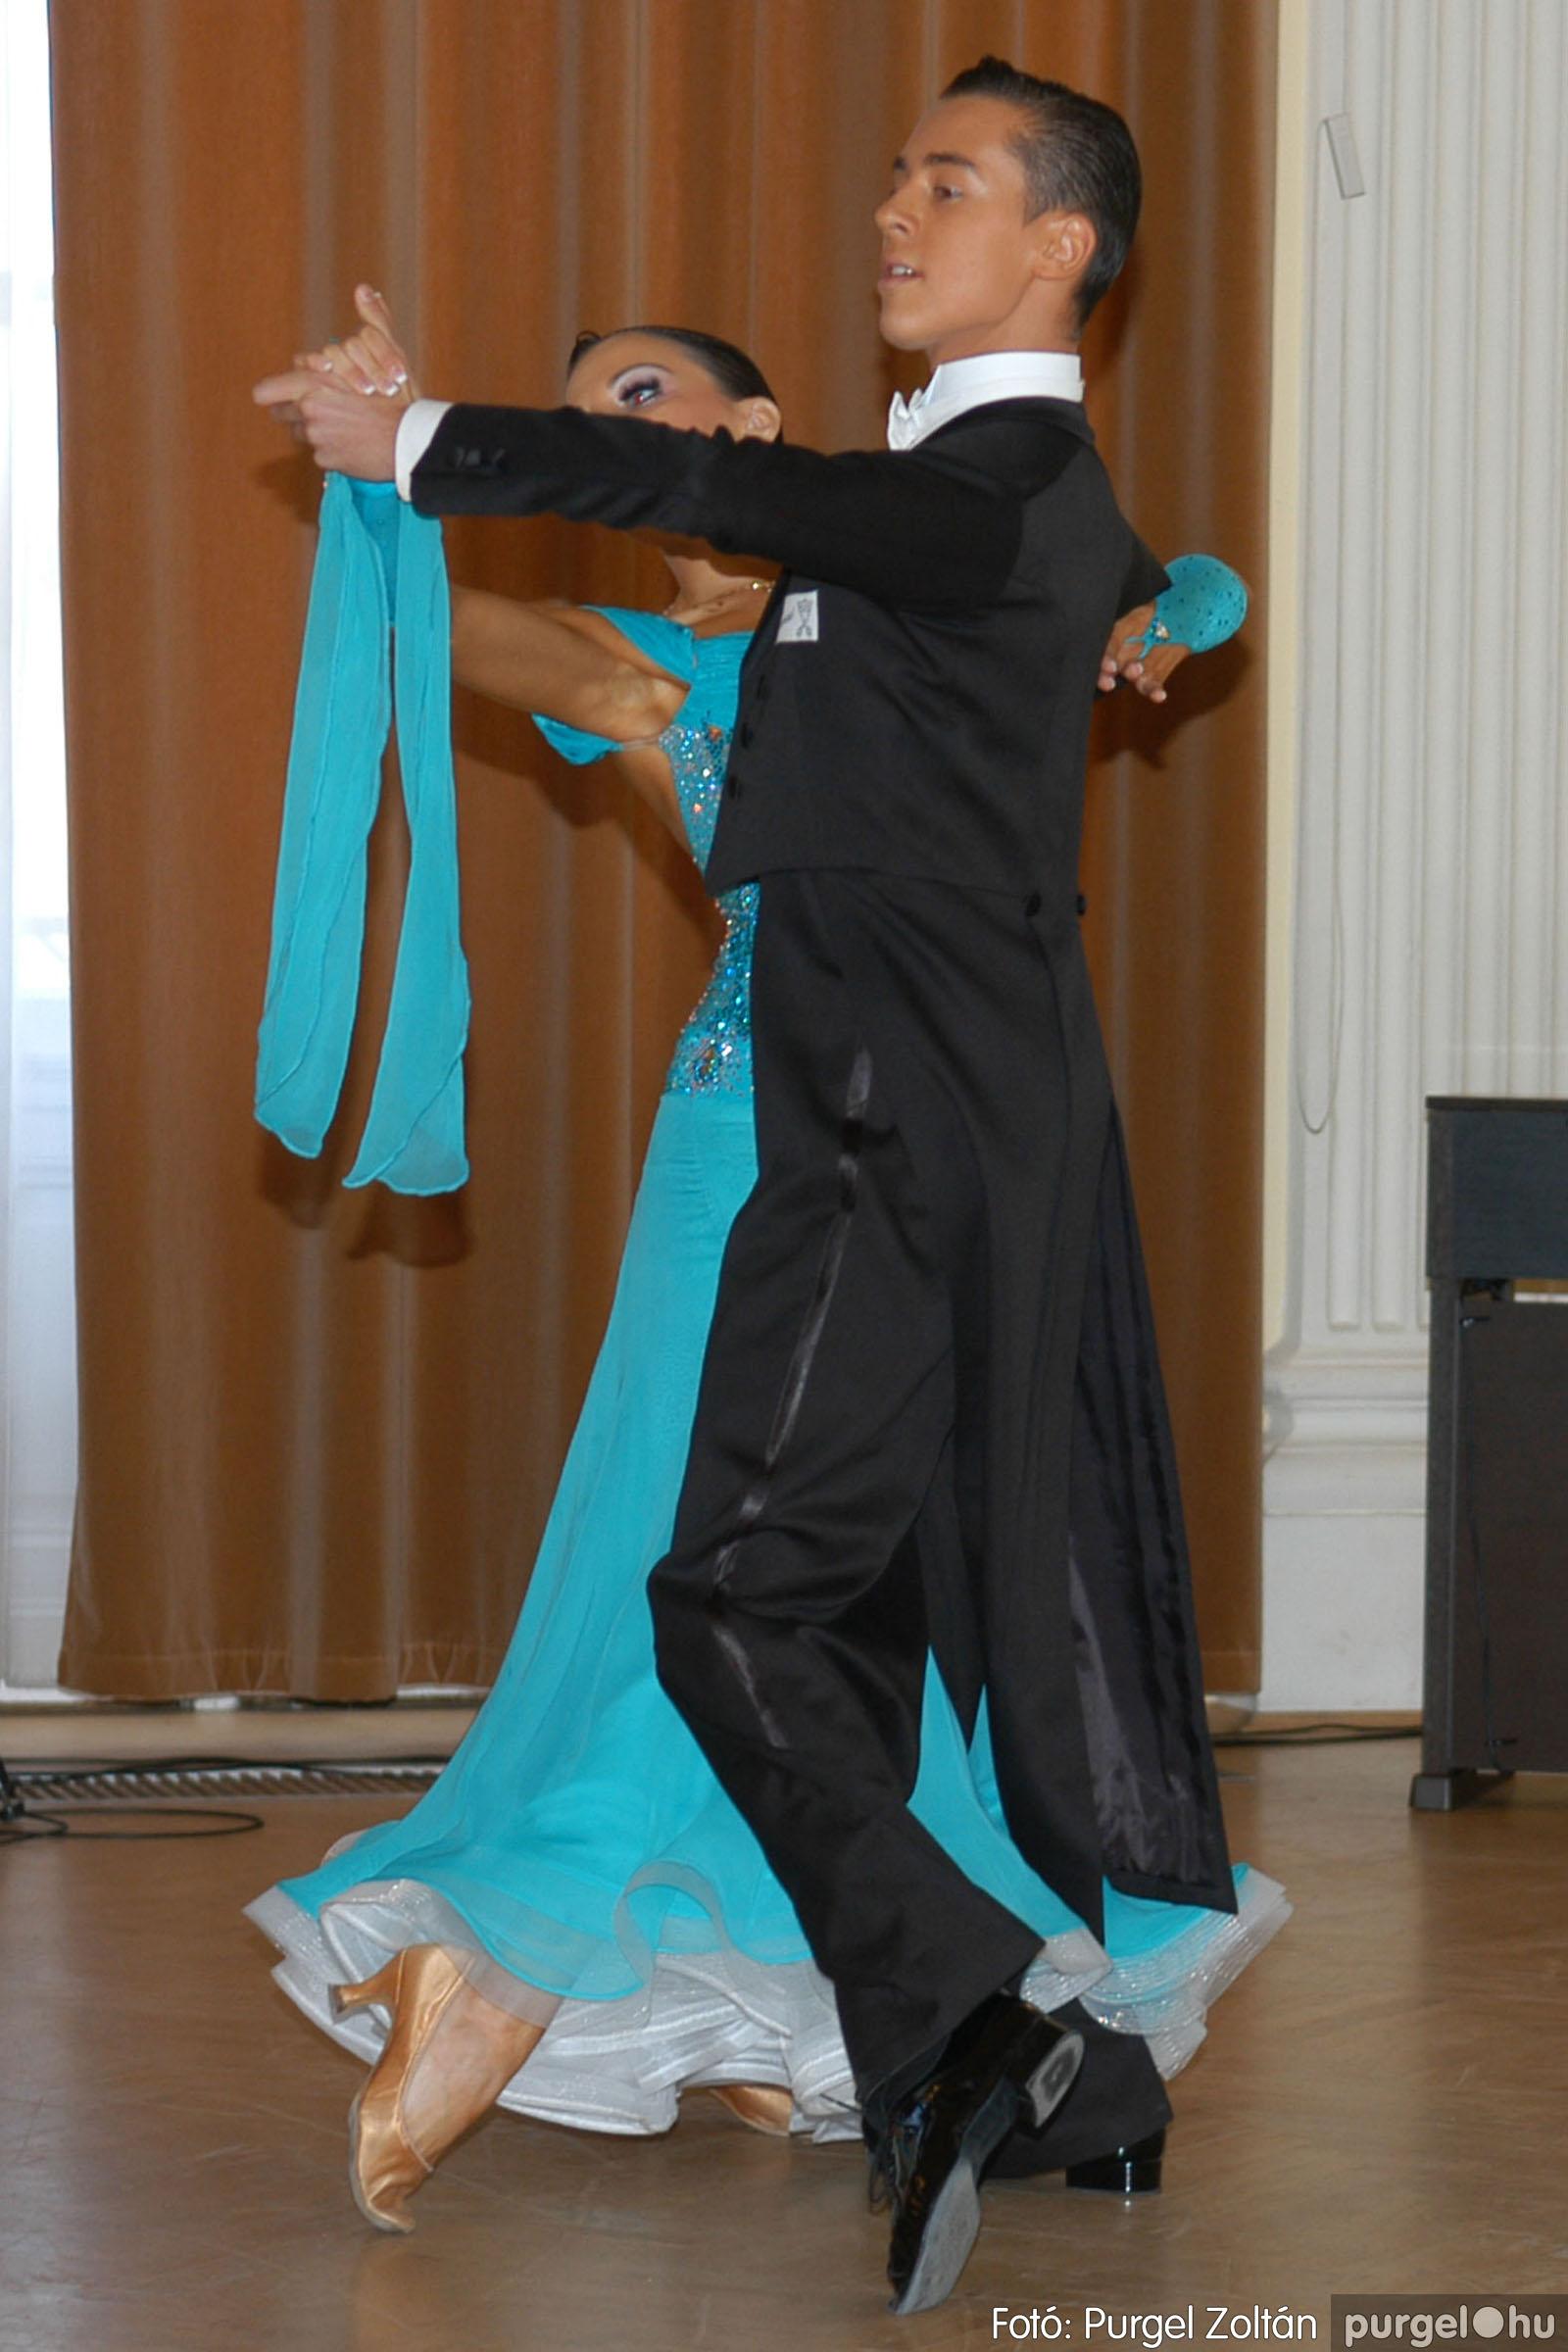 2010.10.28. 131 Szegvár és Vidéke Takarékszövetkezet takarékossági világnap rendezvény - Fotó:P. Z..jpg